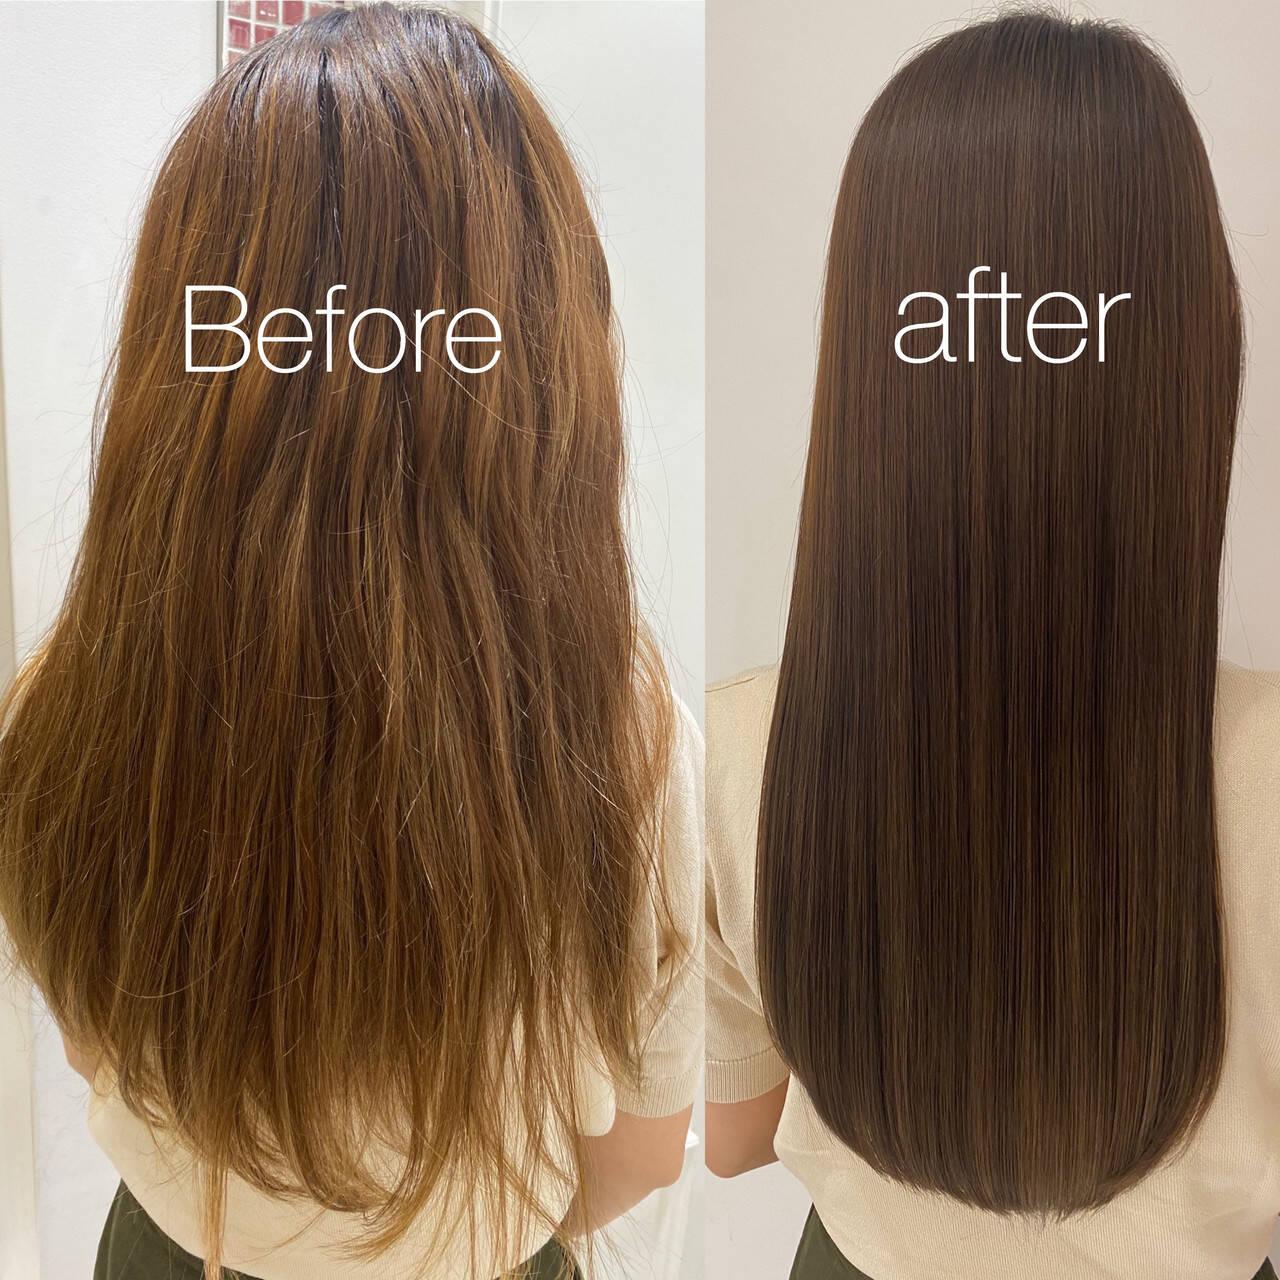 髪質改善カラー 髪質改善 ナチュラル ロングヘアスタイルや髪型の写真・画像